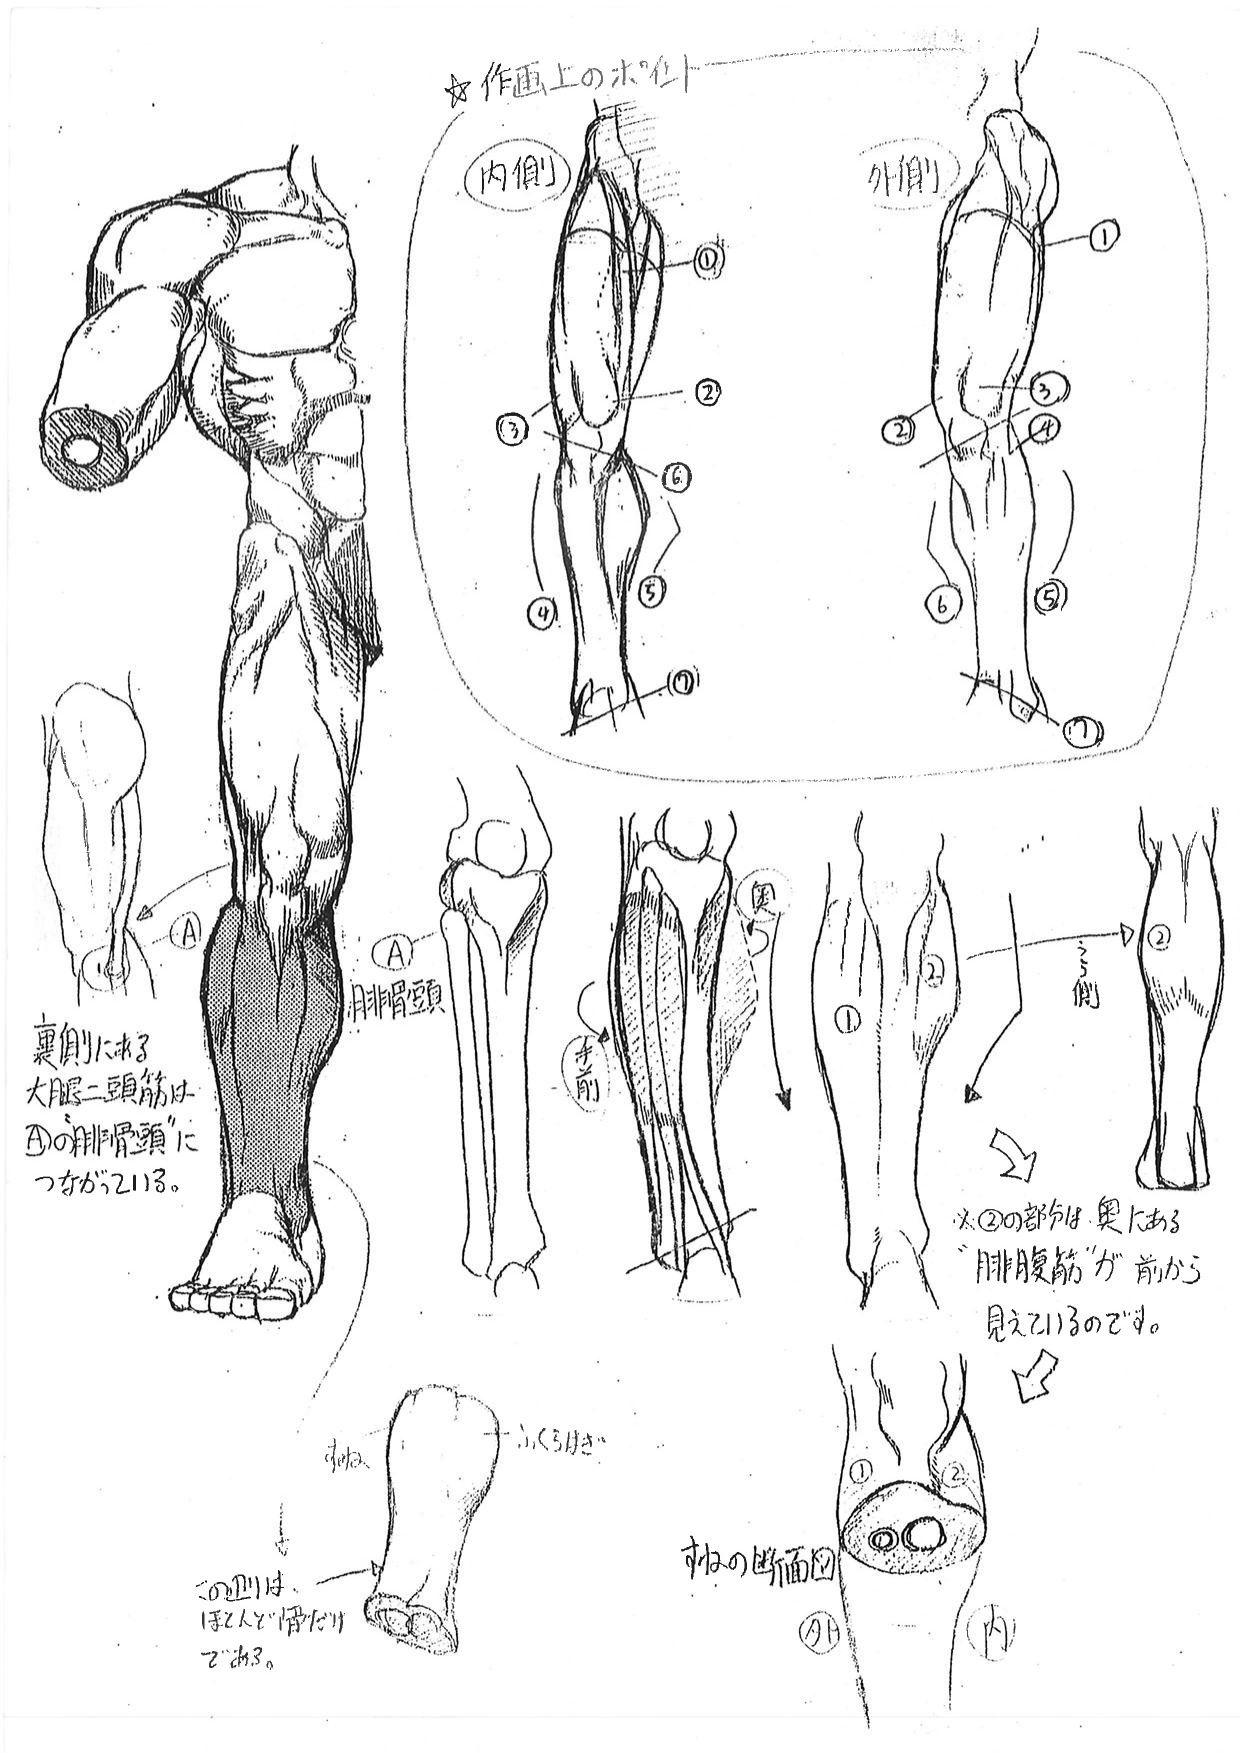 アートの話 No.001「あやしい美術解剖図」 | 美術裏話 | 活動報告書 ...